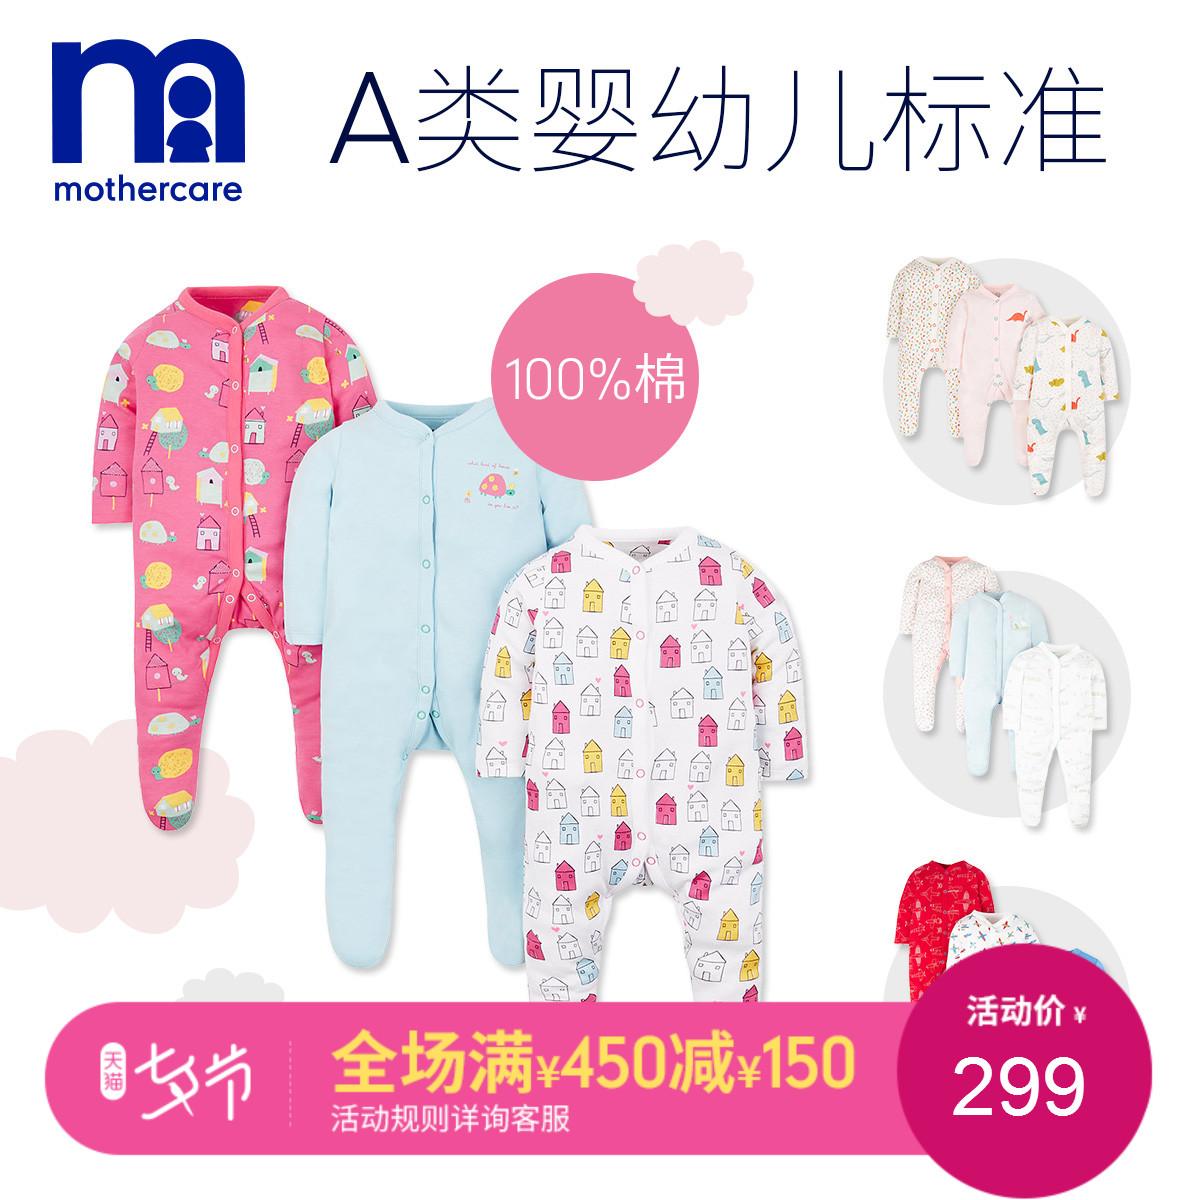 mothercare婴儿春装新生儿宝宝梦幻童话元素图案连脚套连体衣哈衣